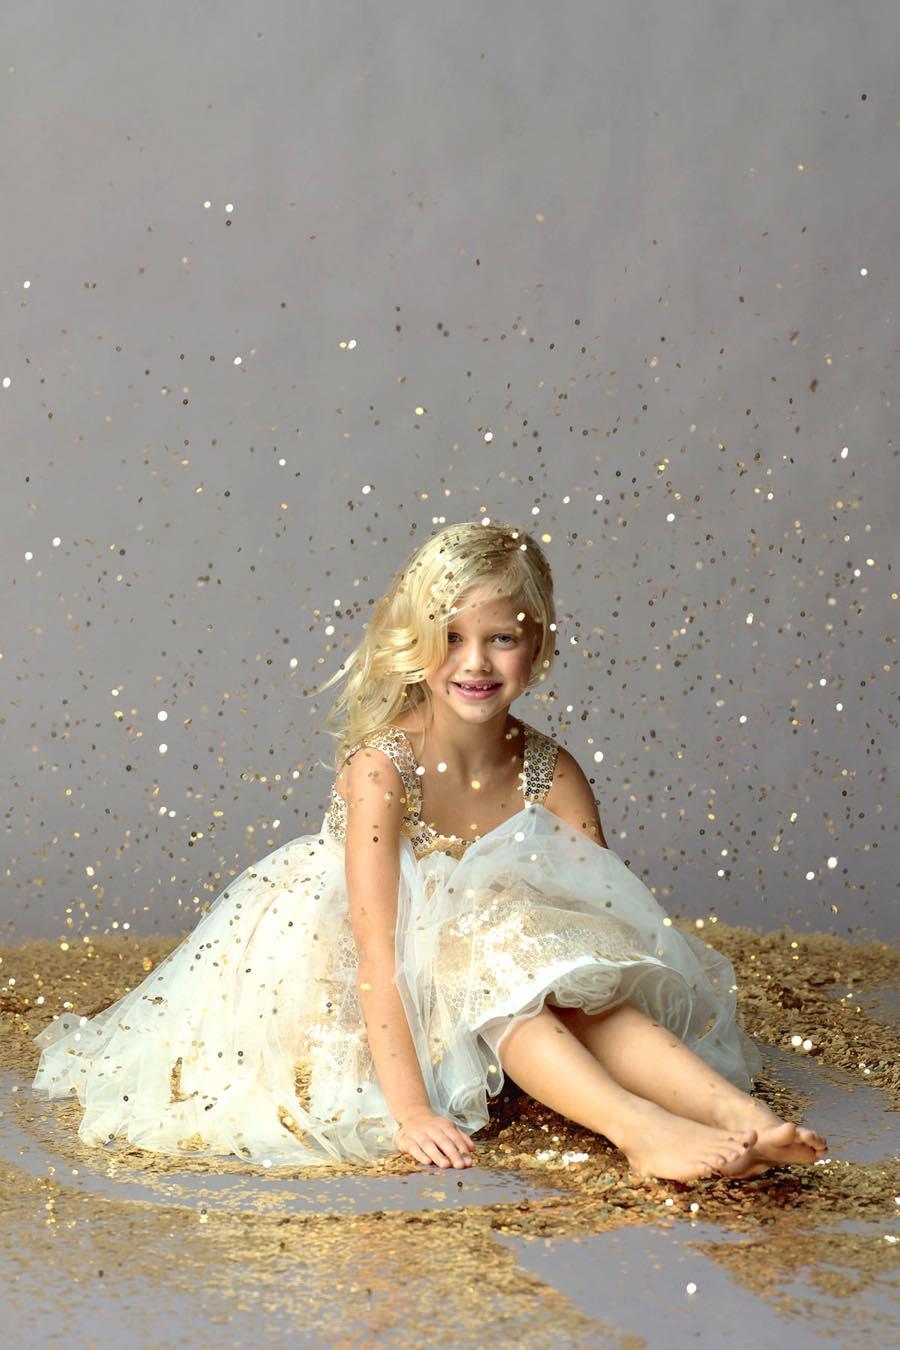 超天使♡『フラワーガール』のための可愛い『ドレス』特集♡のサムネイル画像